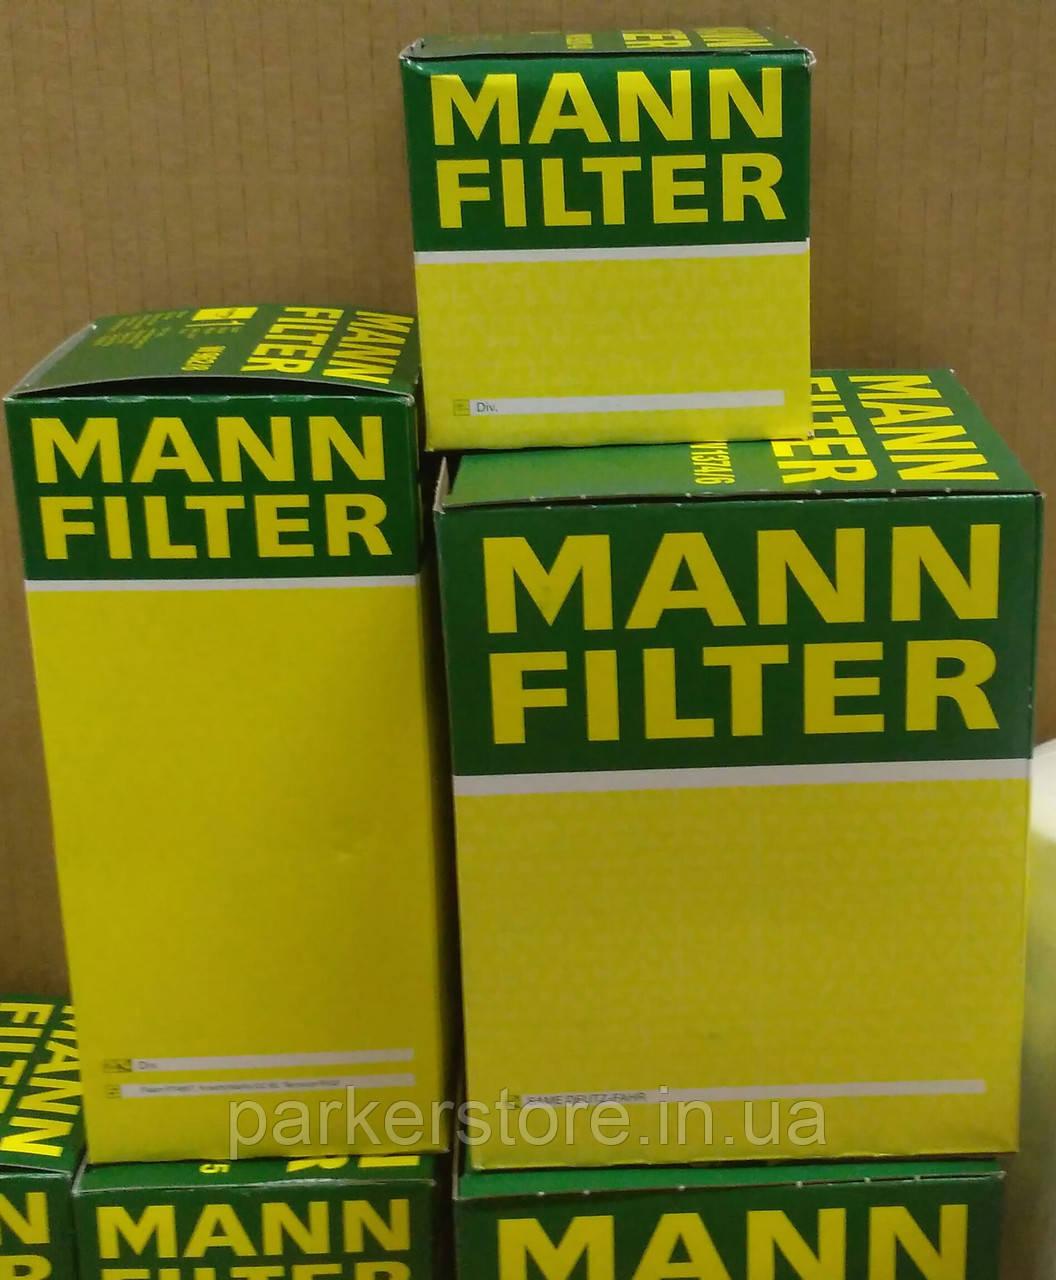 MANN FILTER / Повітряний фільтр / C 1237 / C1237